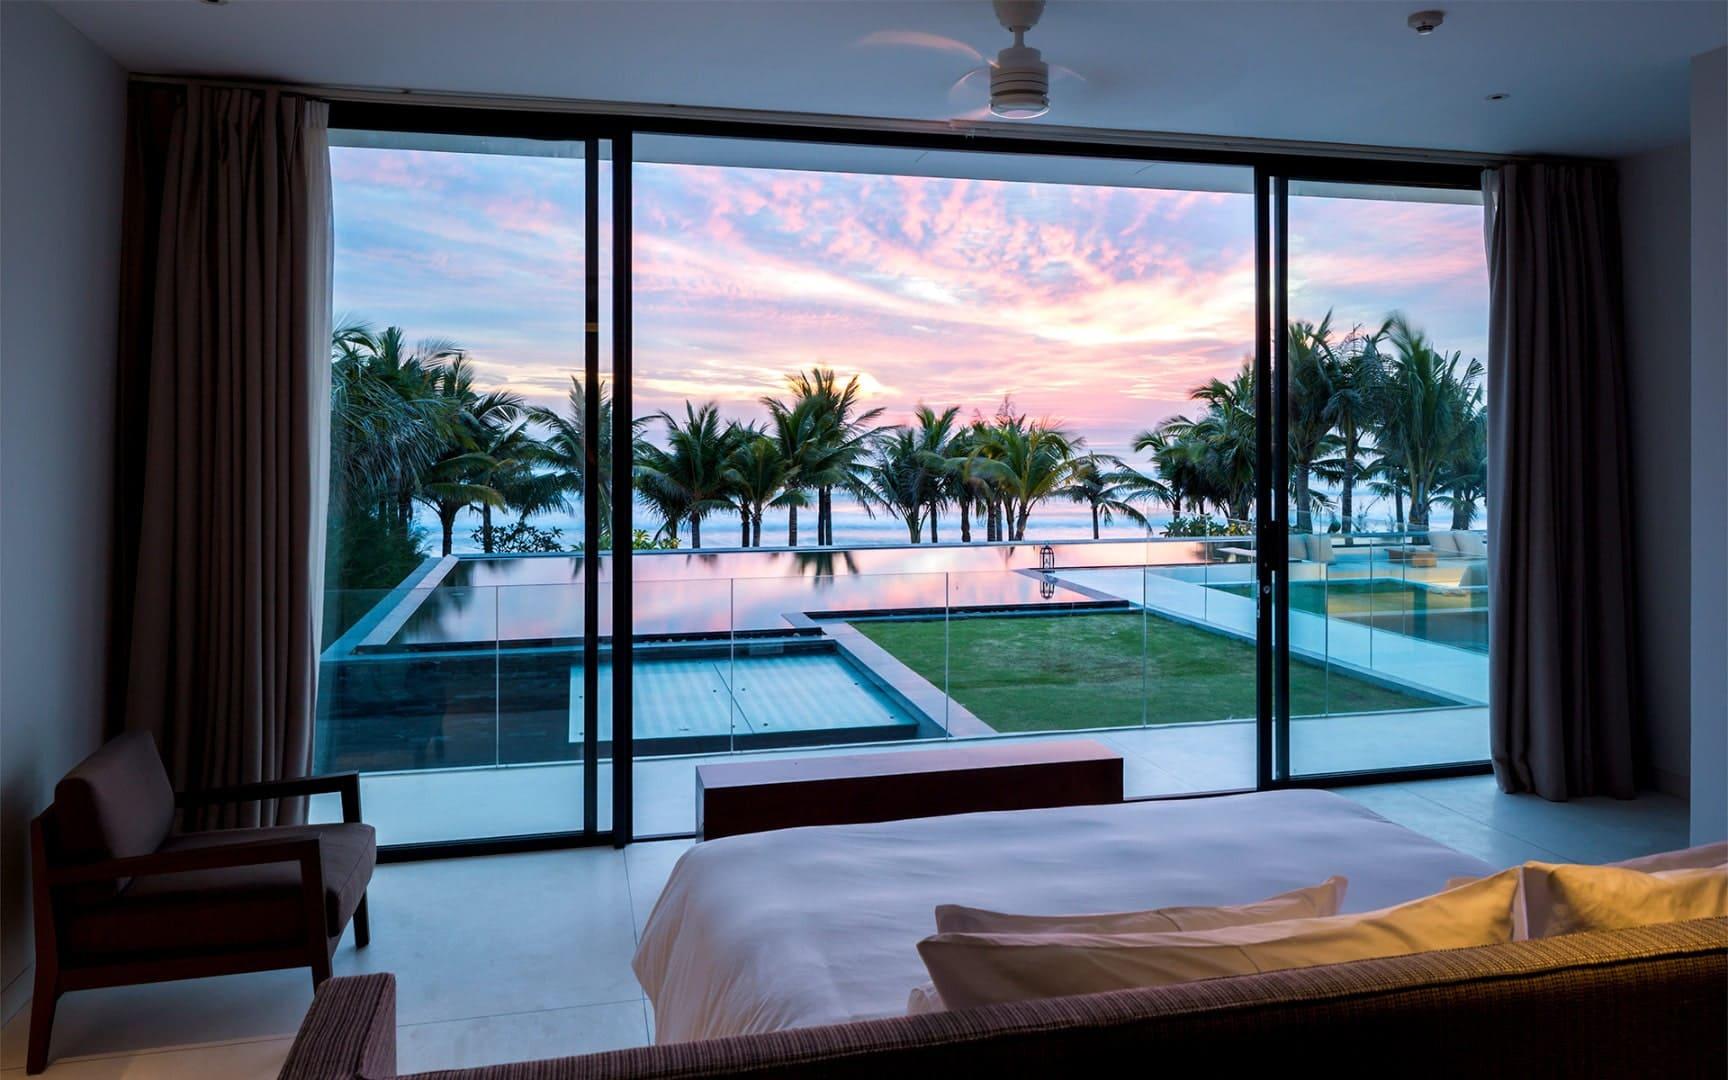 Tận hưởng kỳ nghỉ tại các căn biệt thự Naman Resort Đà Nẵng